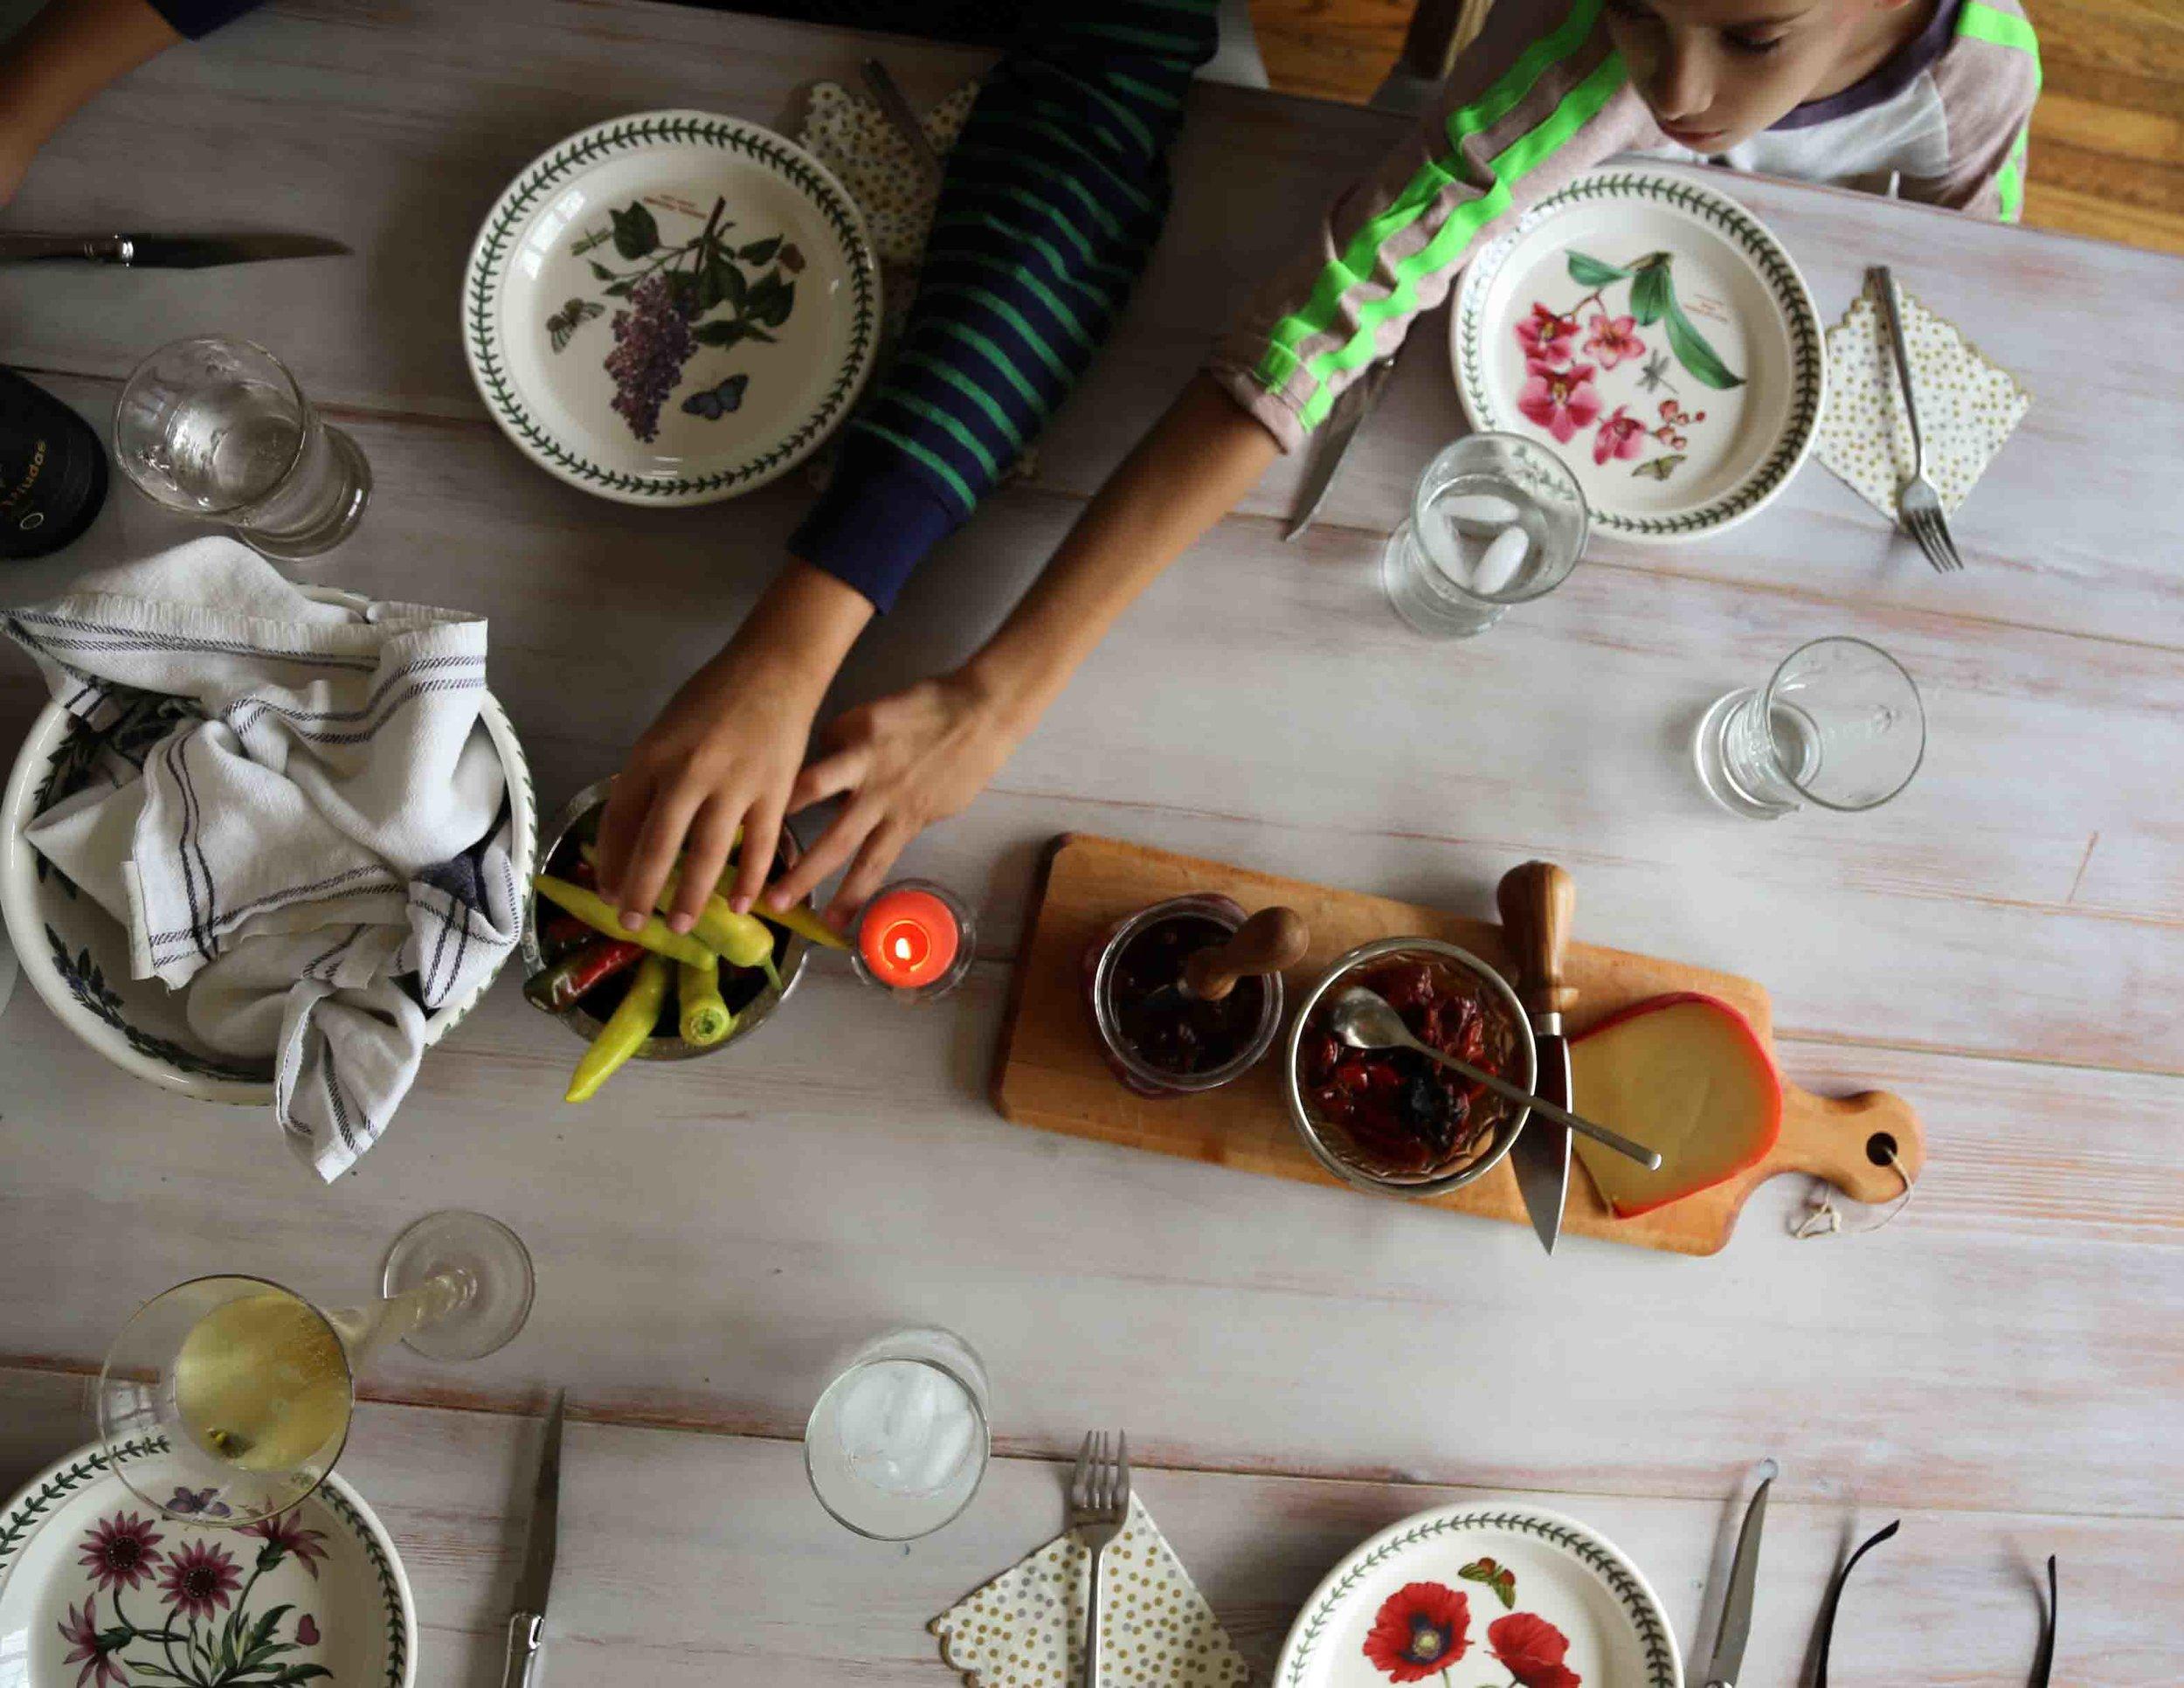 44_family brunch table.jpg